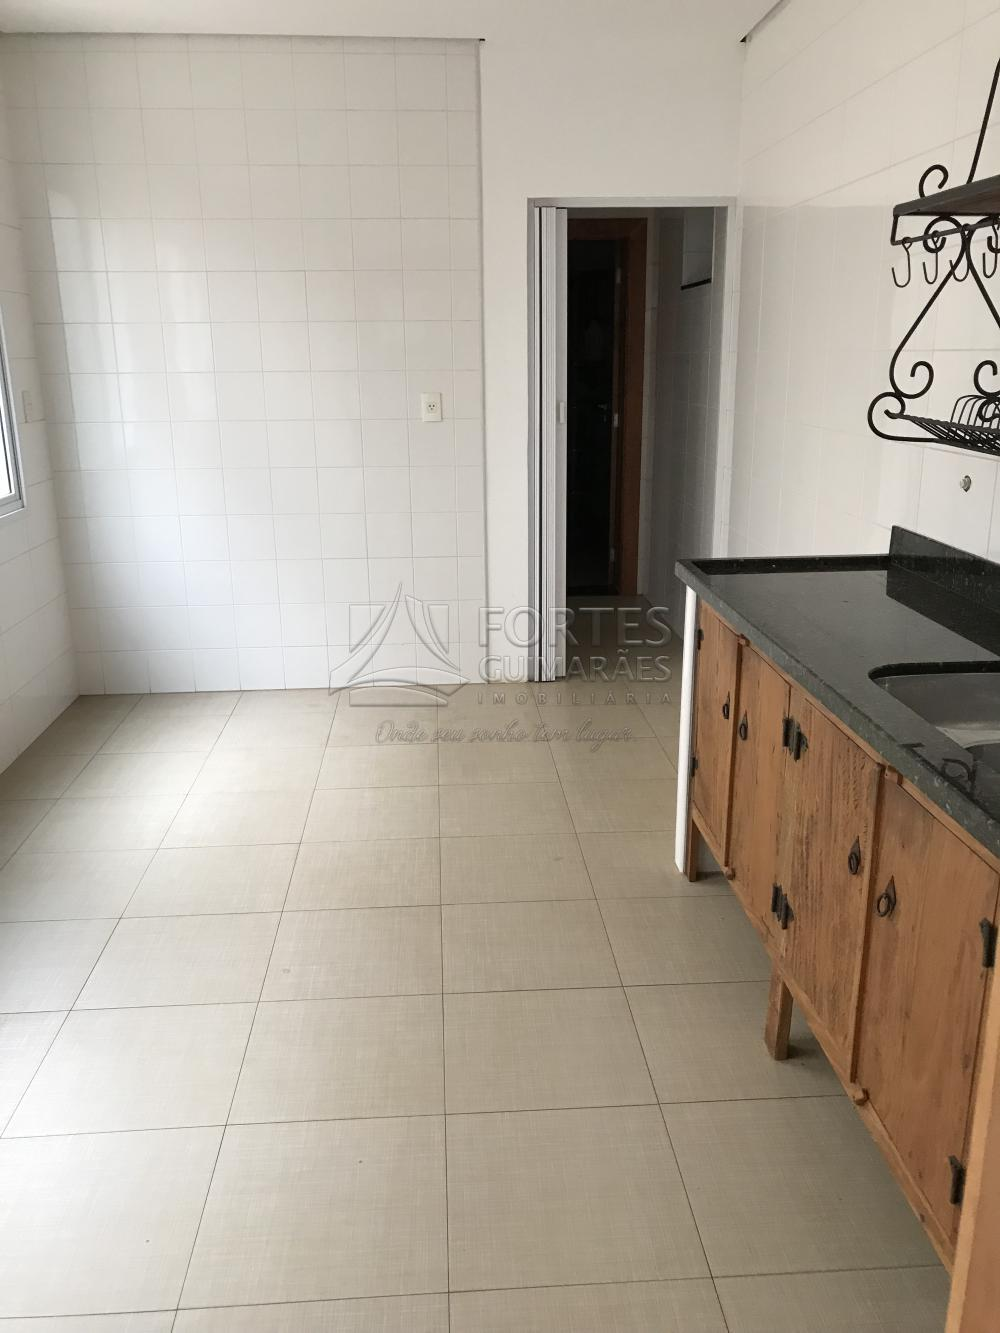 Alugar Casas / Condomínio em Ribeirão Preto apenas R$ 7.000,00 - Foto 20